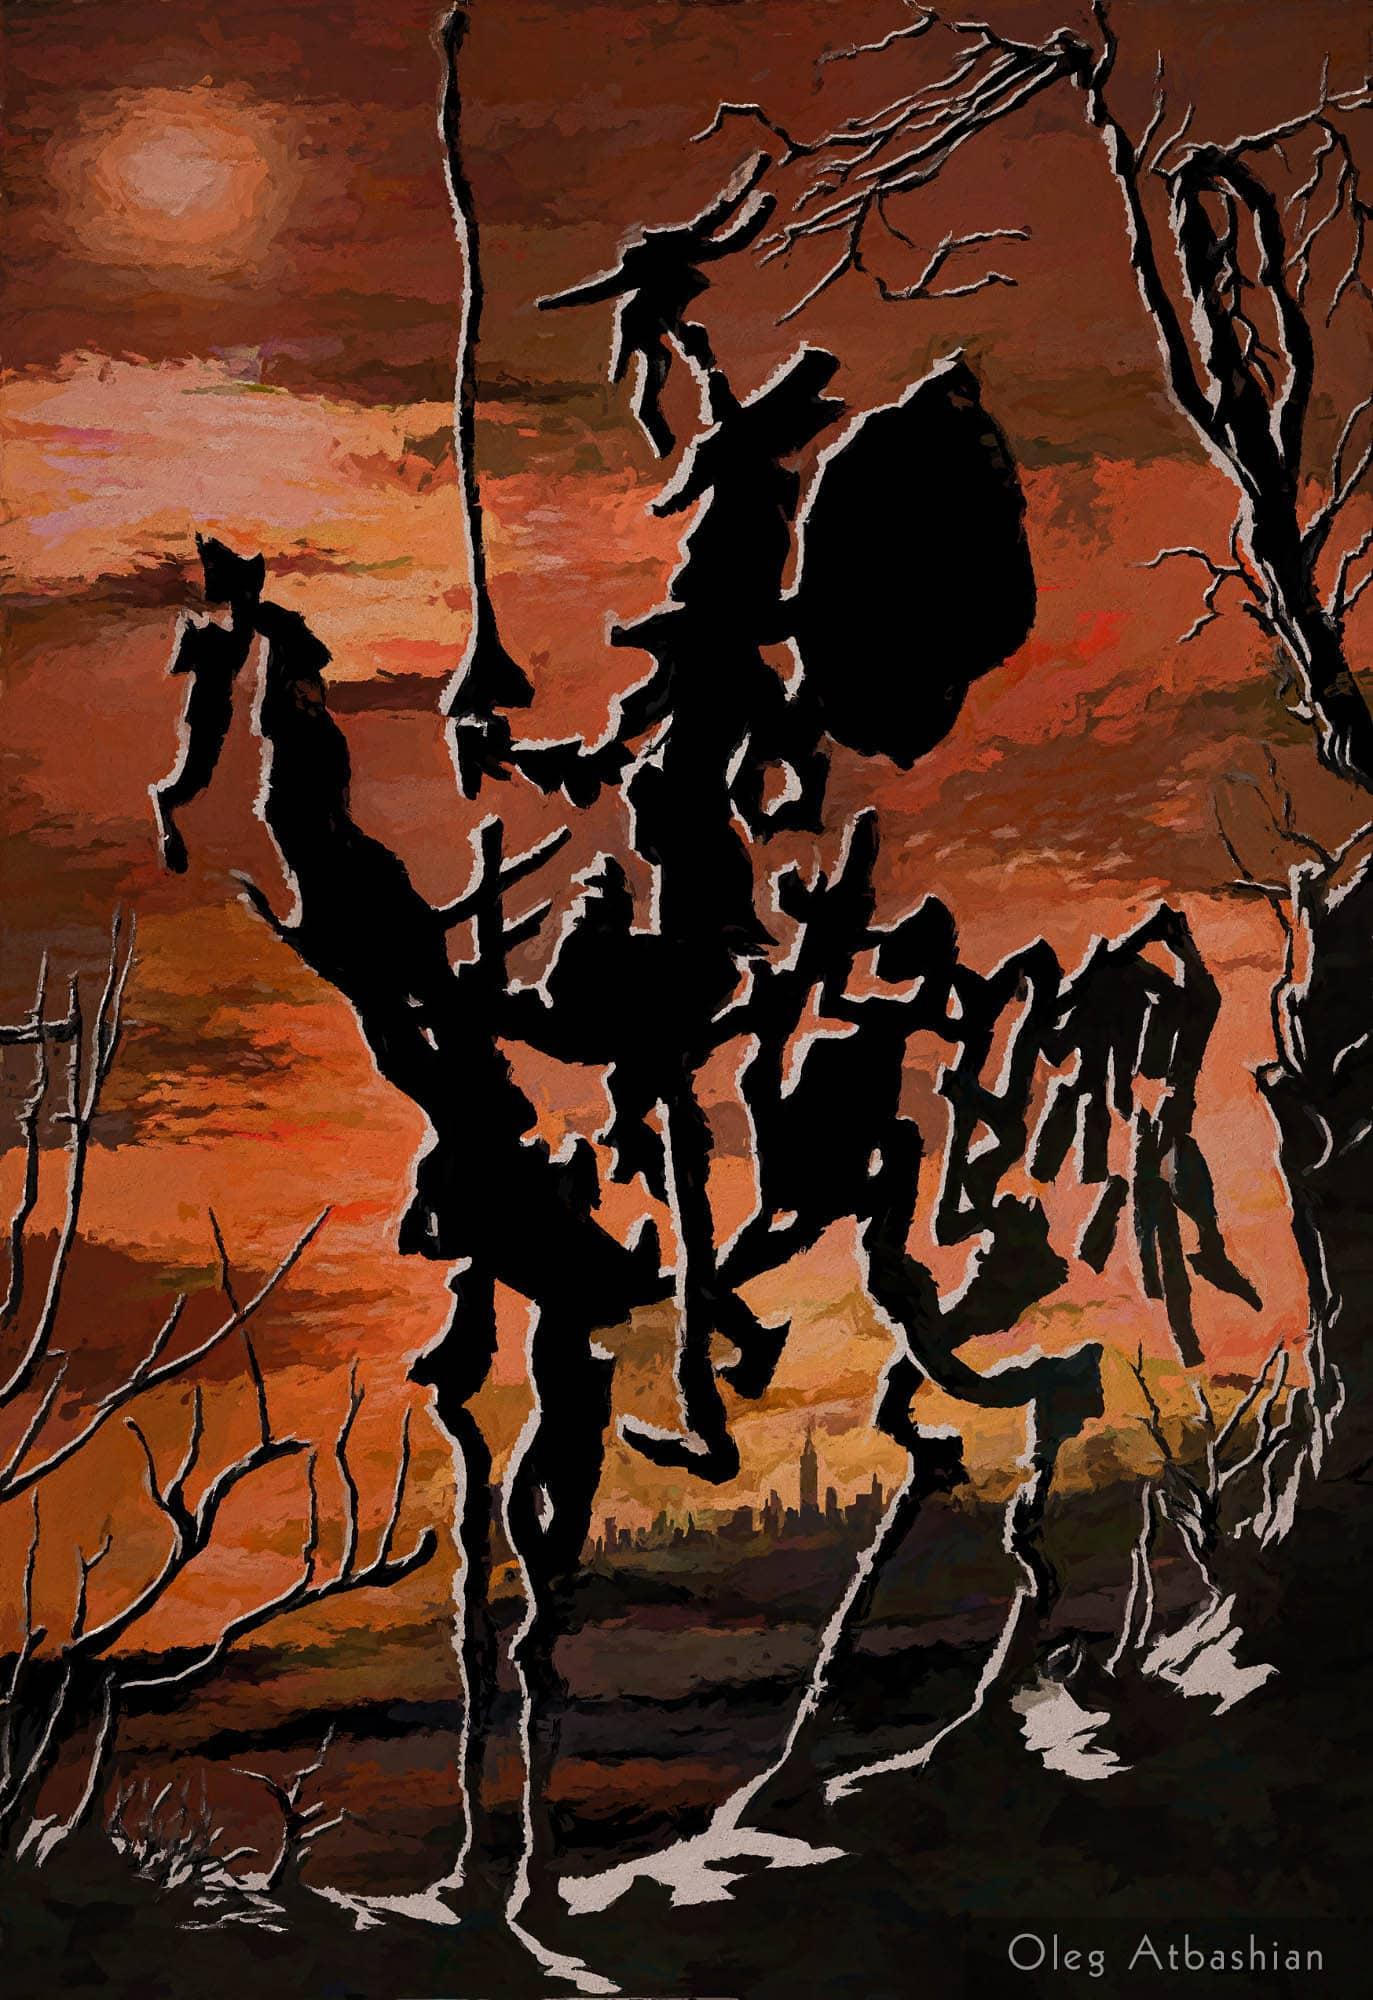 Picasso's Don Quixote in 3D